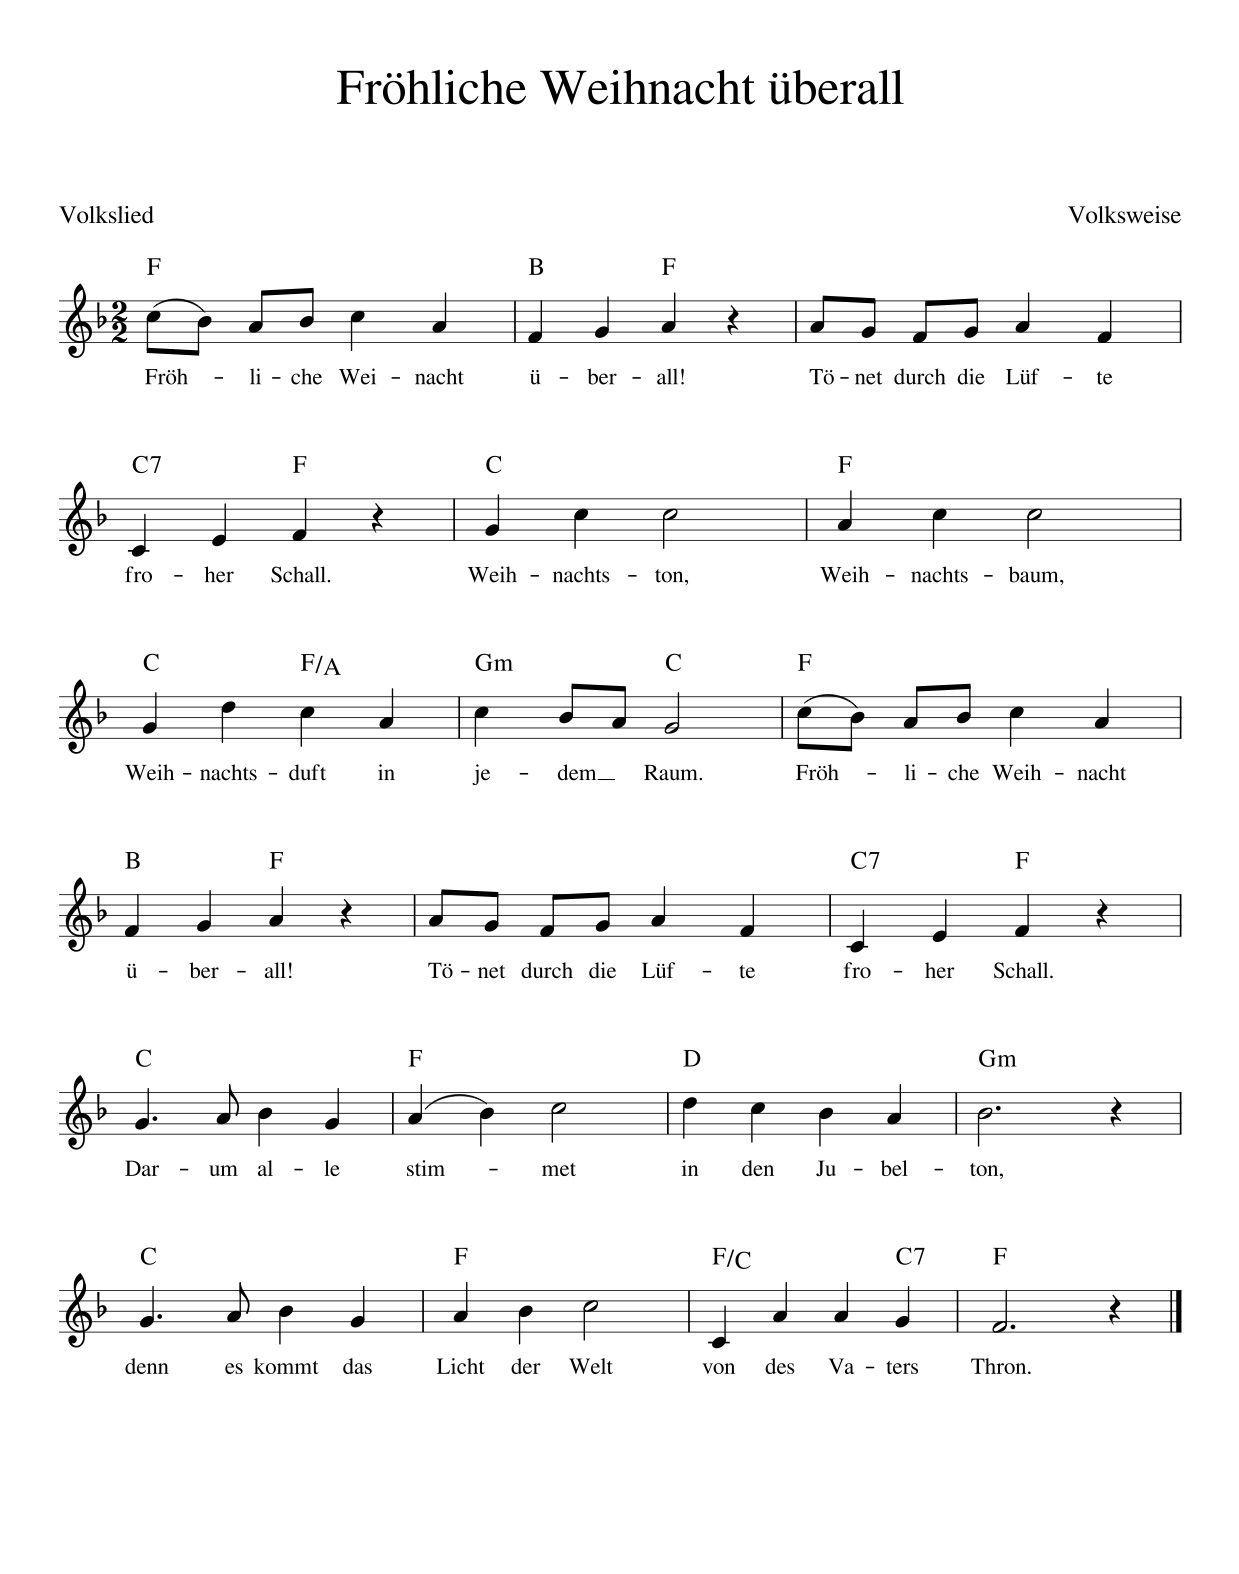 Fröhliche Weihnacht überall Weihnachtslieder mit Noten